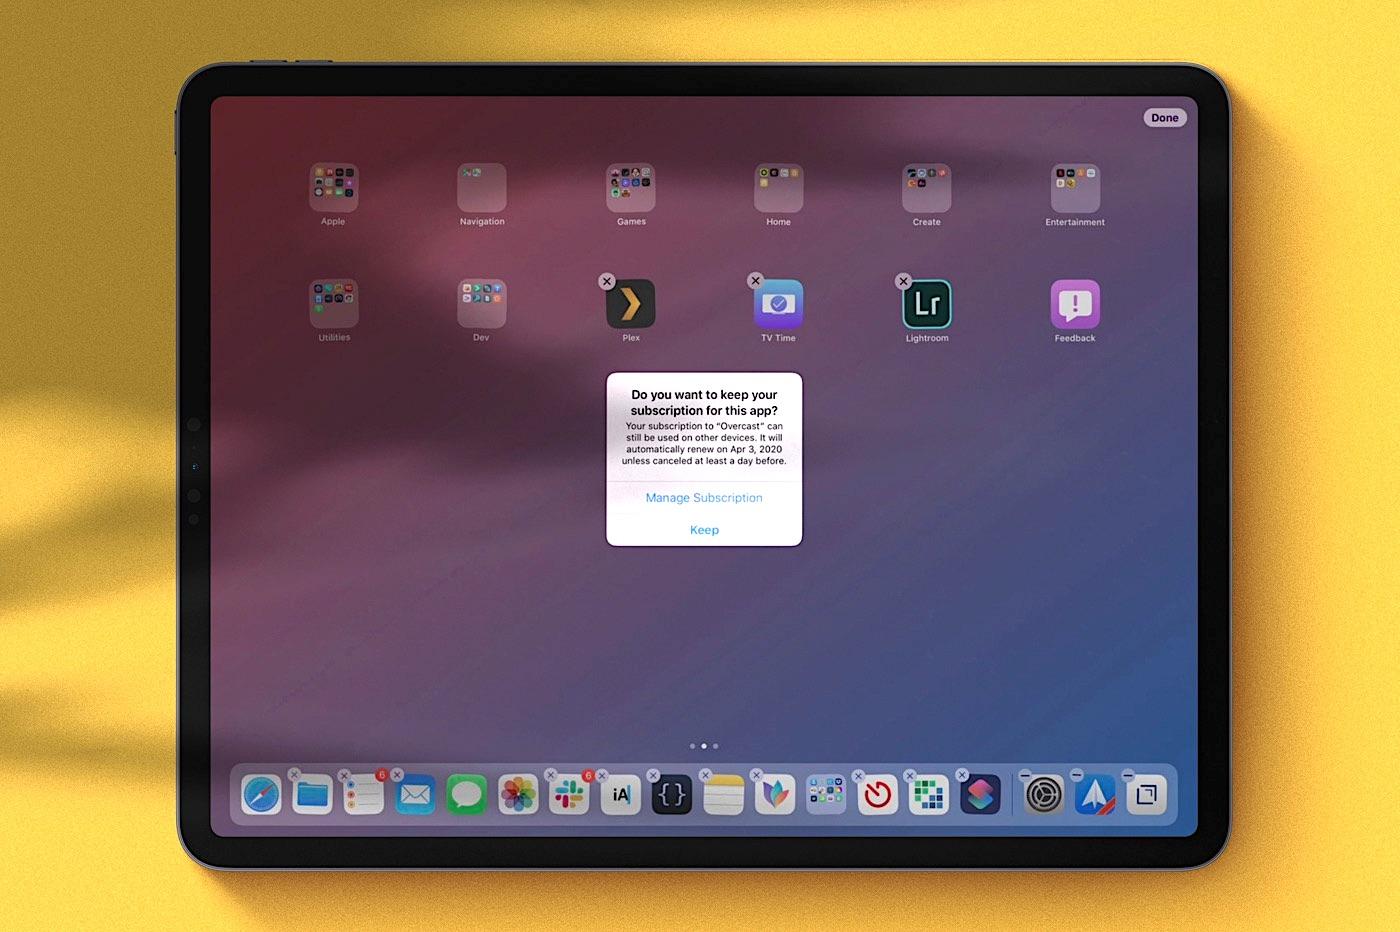 iOS 13 alerte l'utilisateur lors d'une suppression d'app pour un service avec abonnement 1